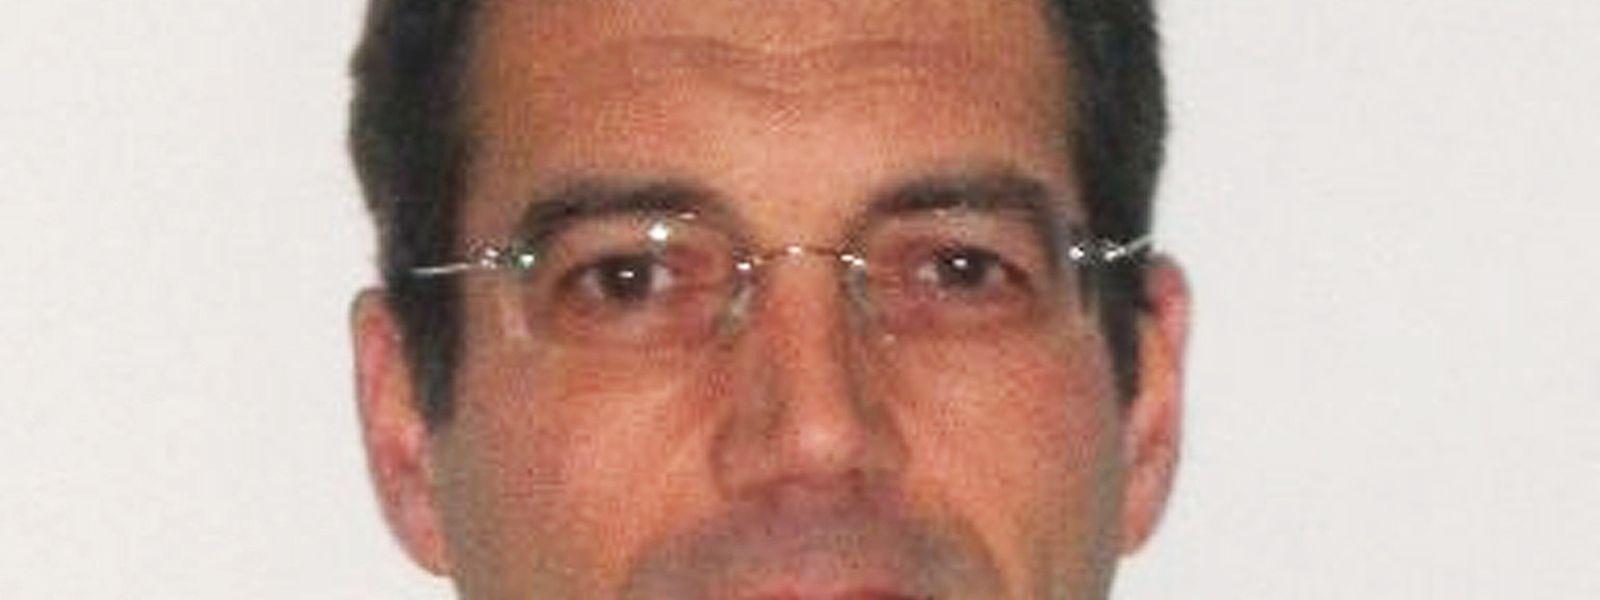 Este é Xavier Dupont de Ligonnès desaparecido desde 2011, e com o qual o luso-descendente foi confundido.